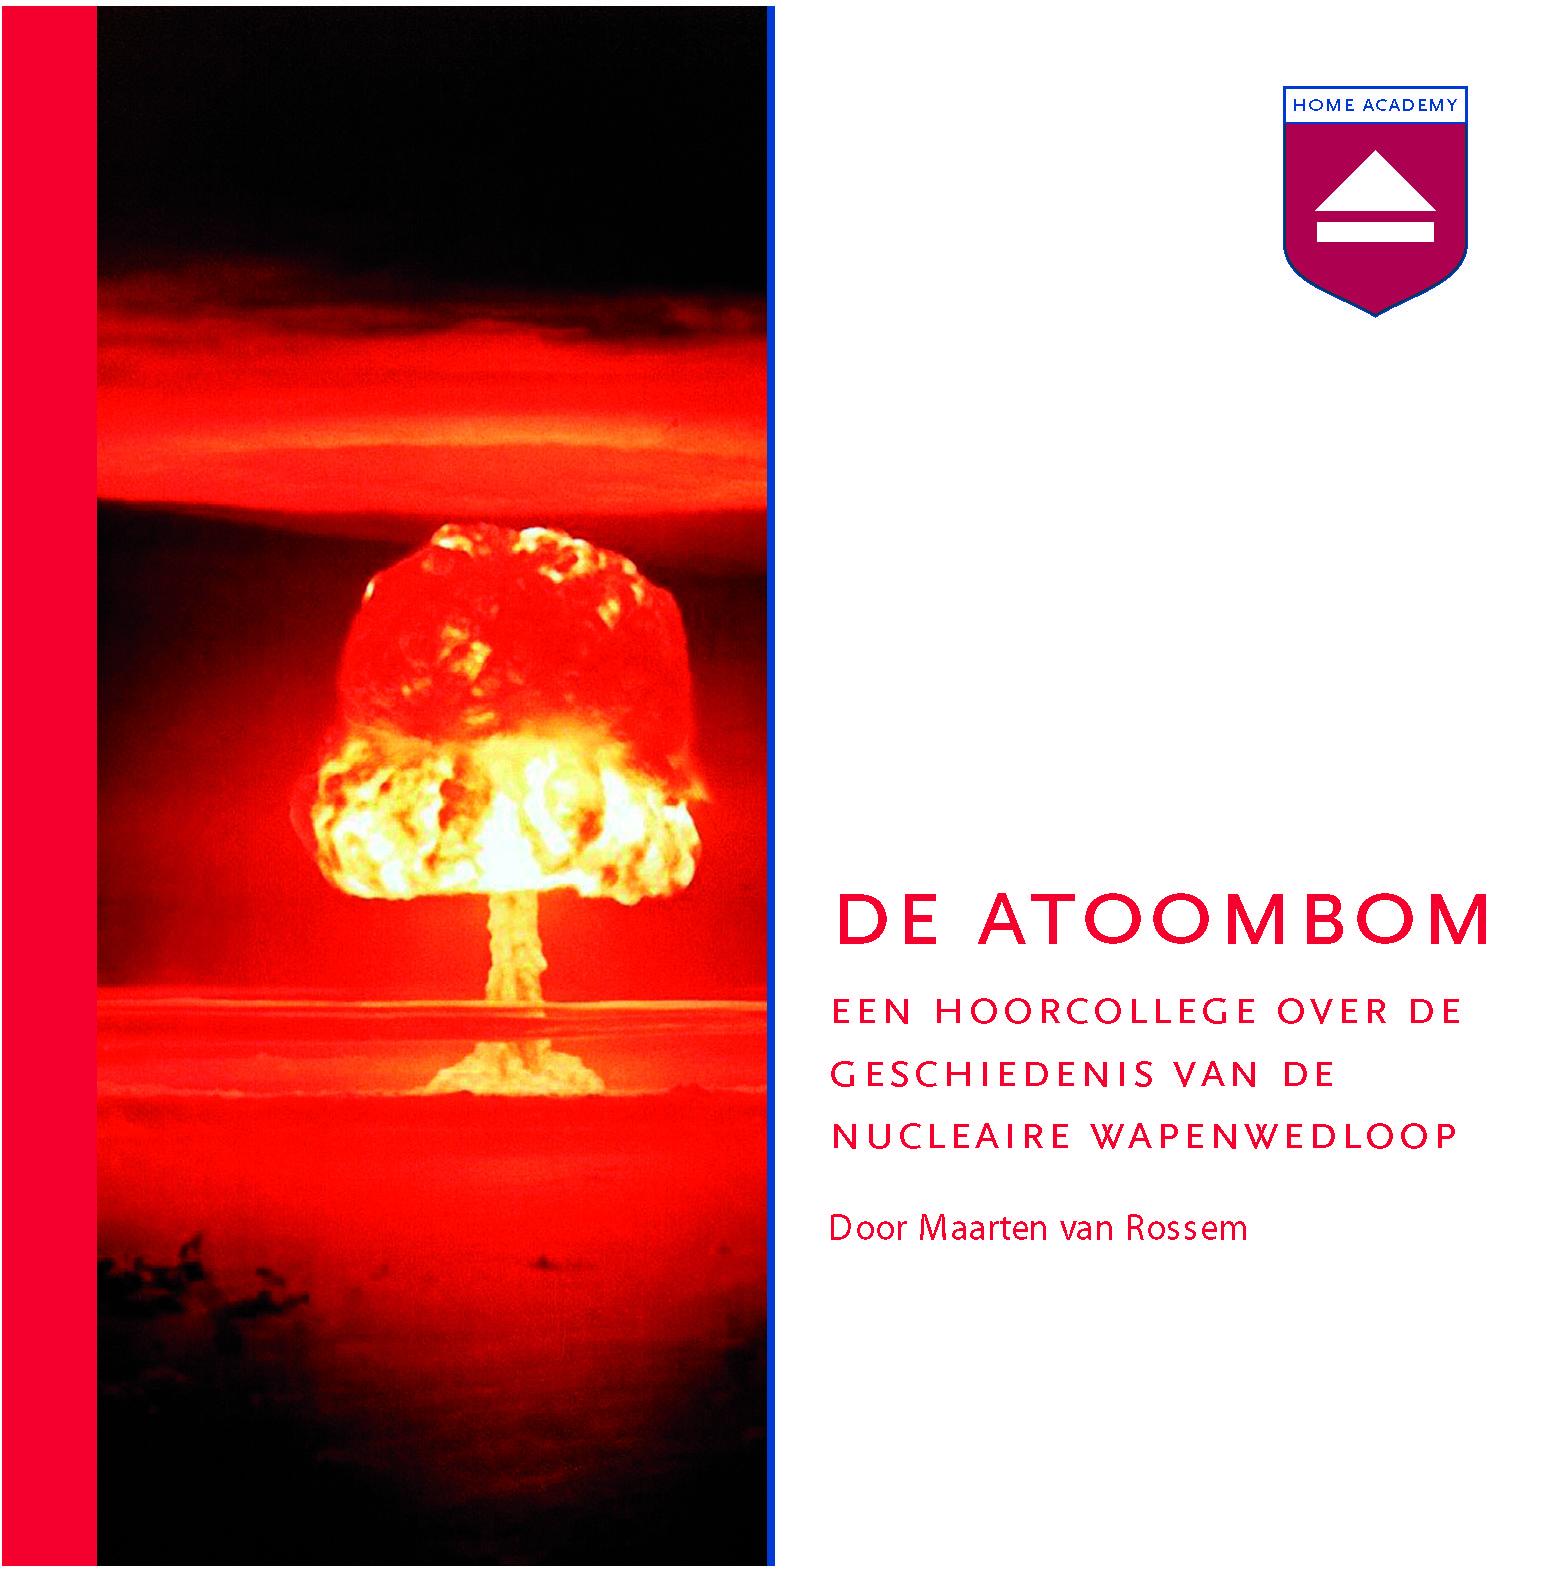 De atoombom - hoorcollege Maarten van Rossem